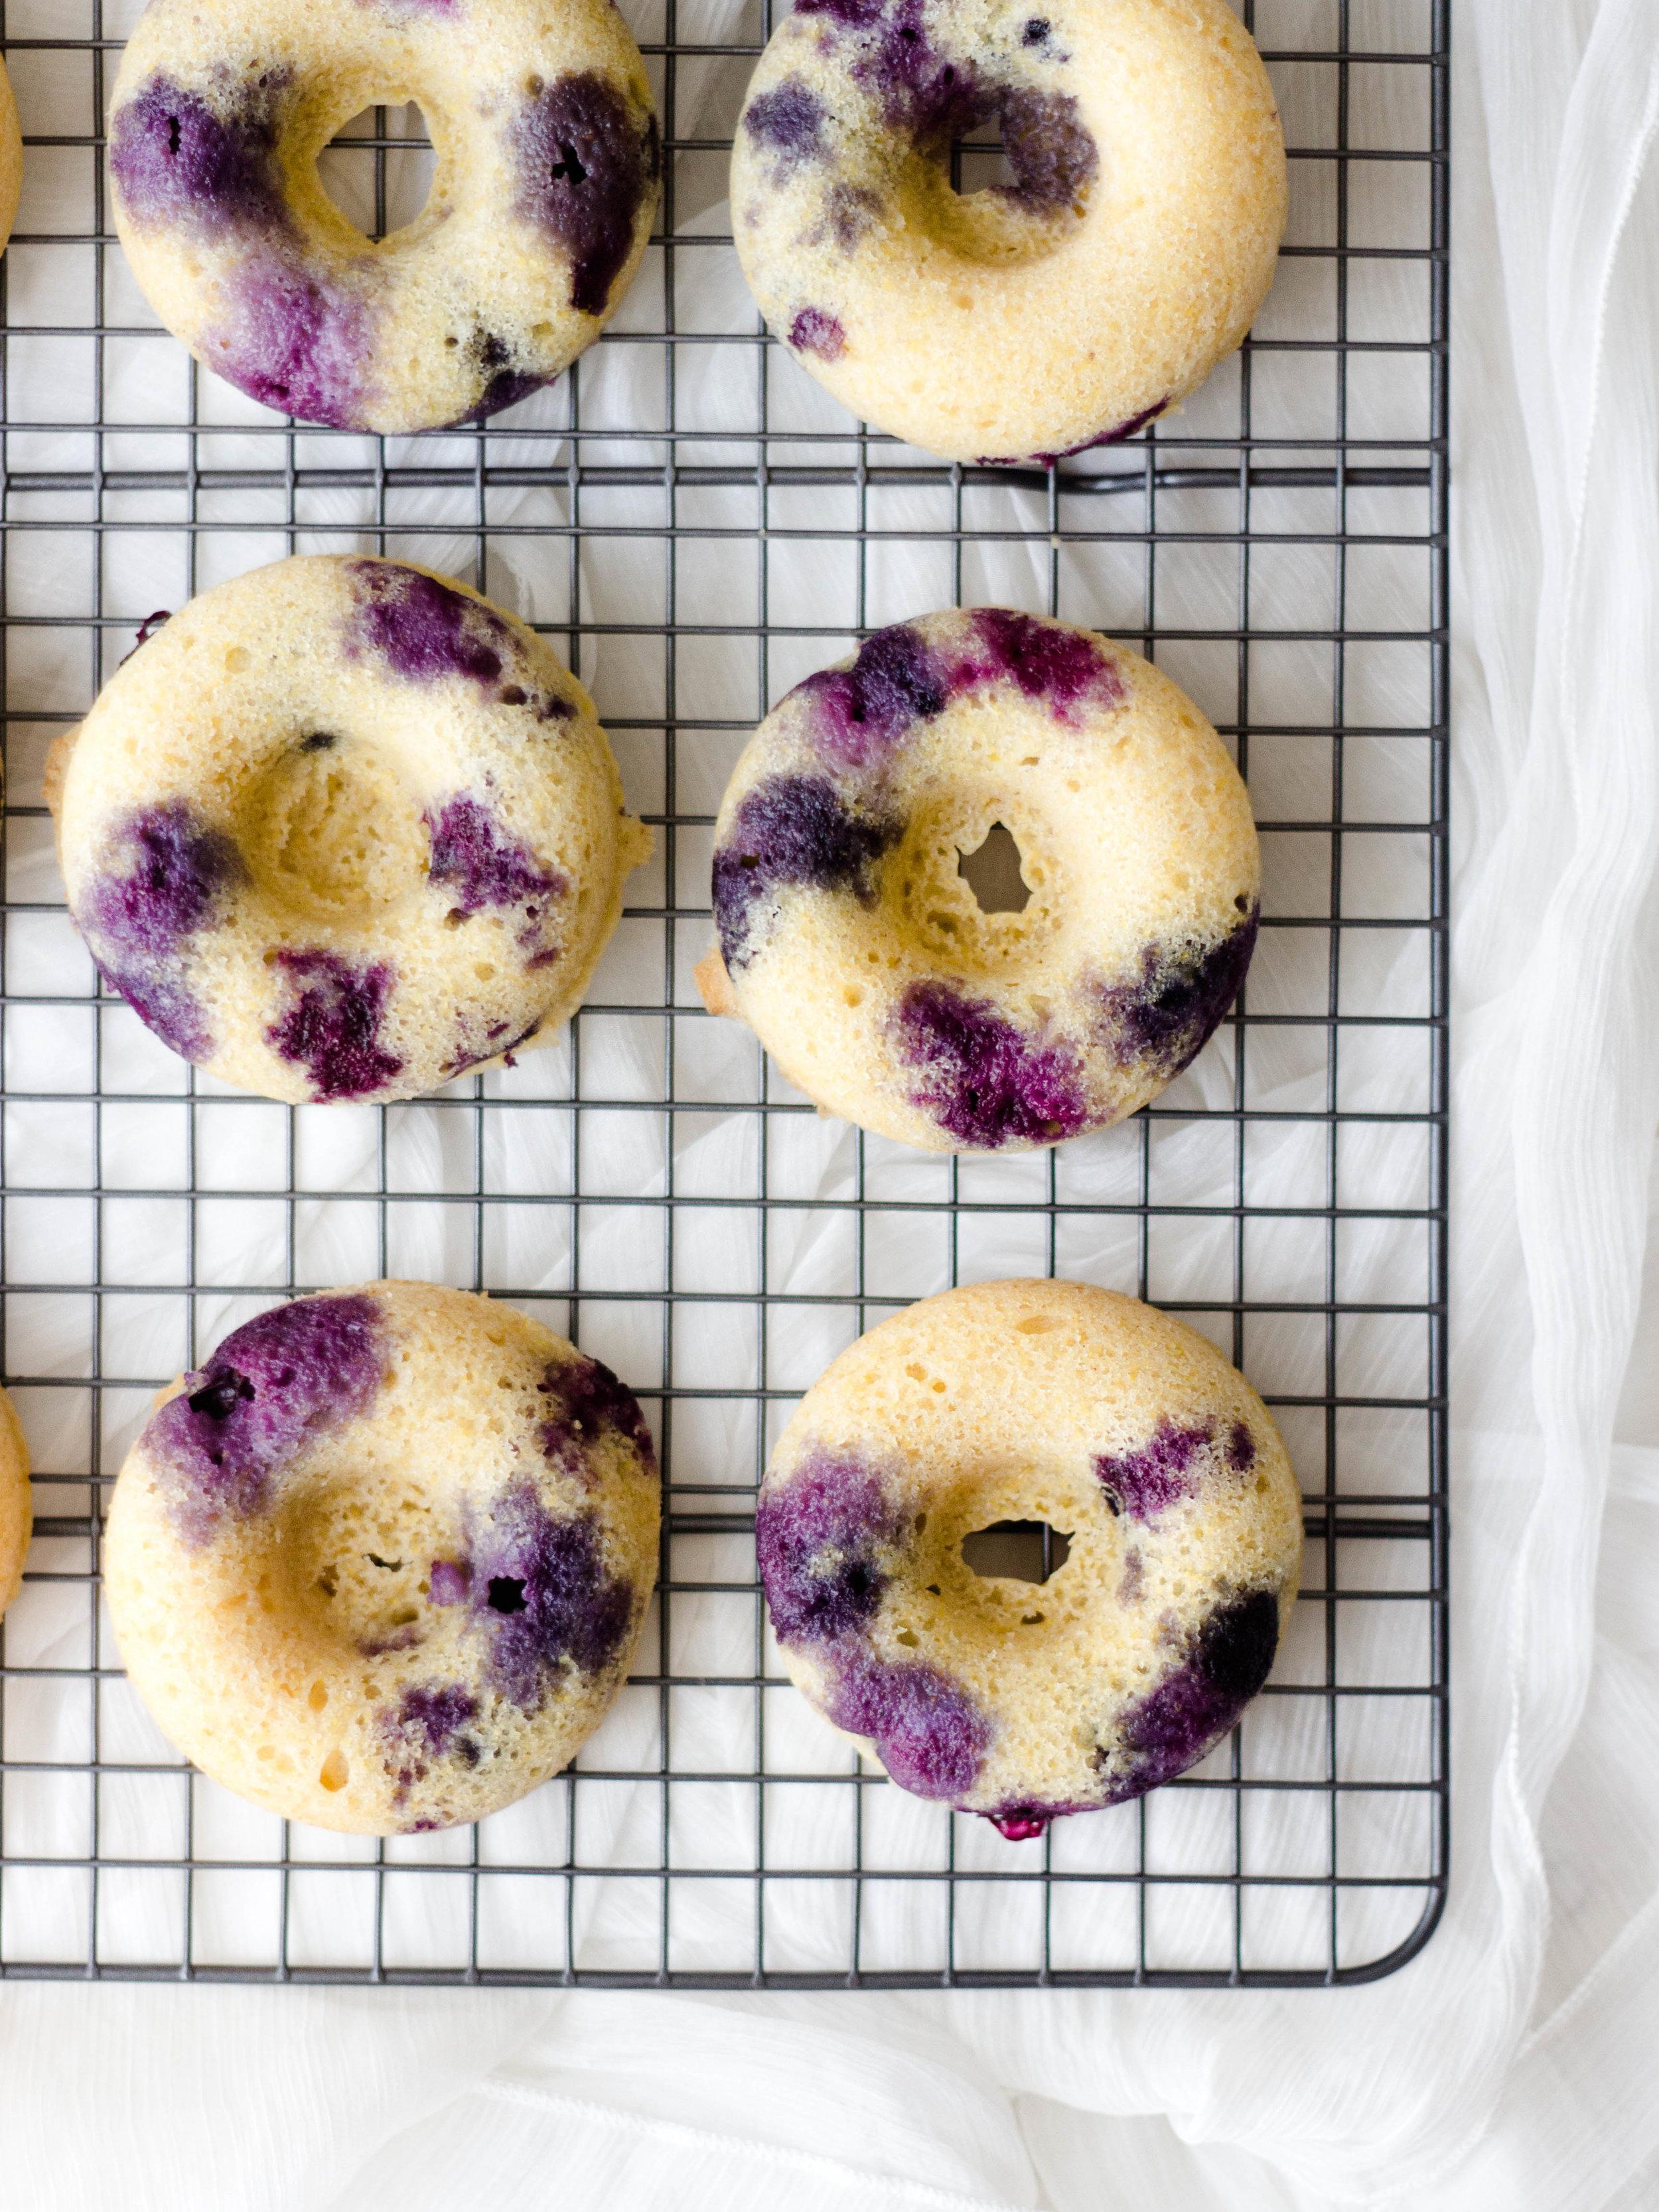 baked blueberry lemon cornmeal donuts-9.jpg